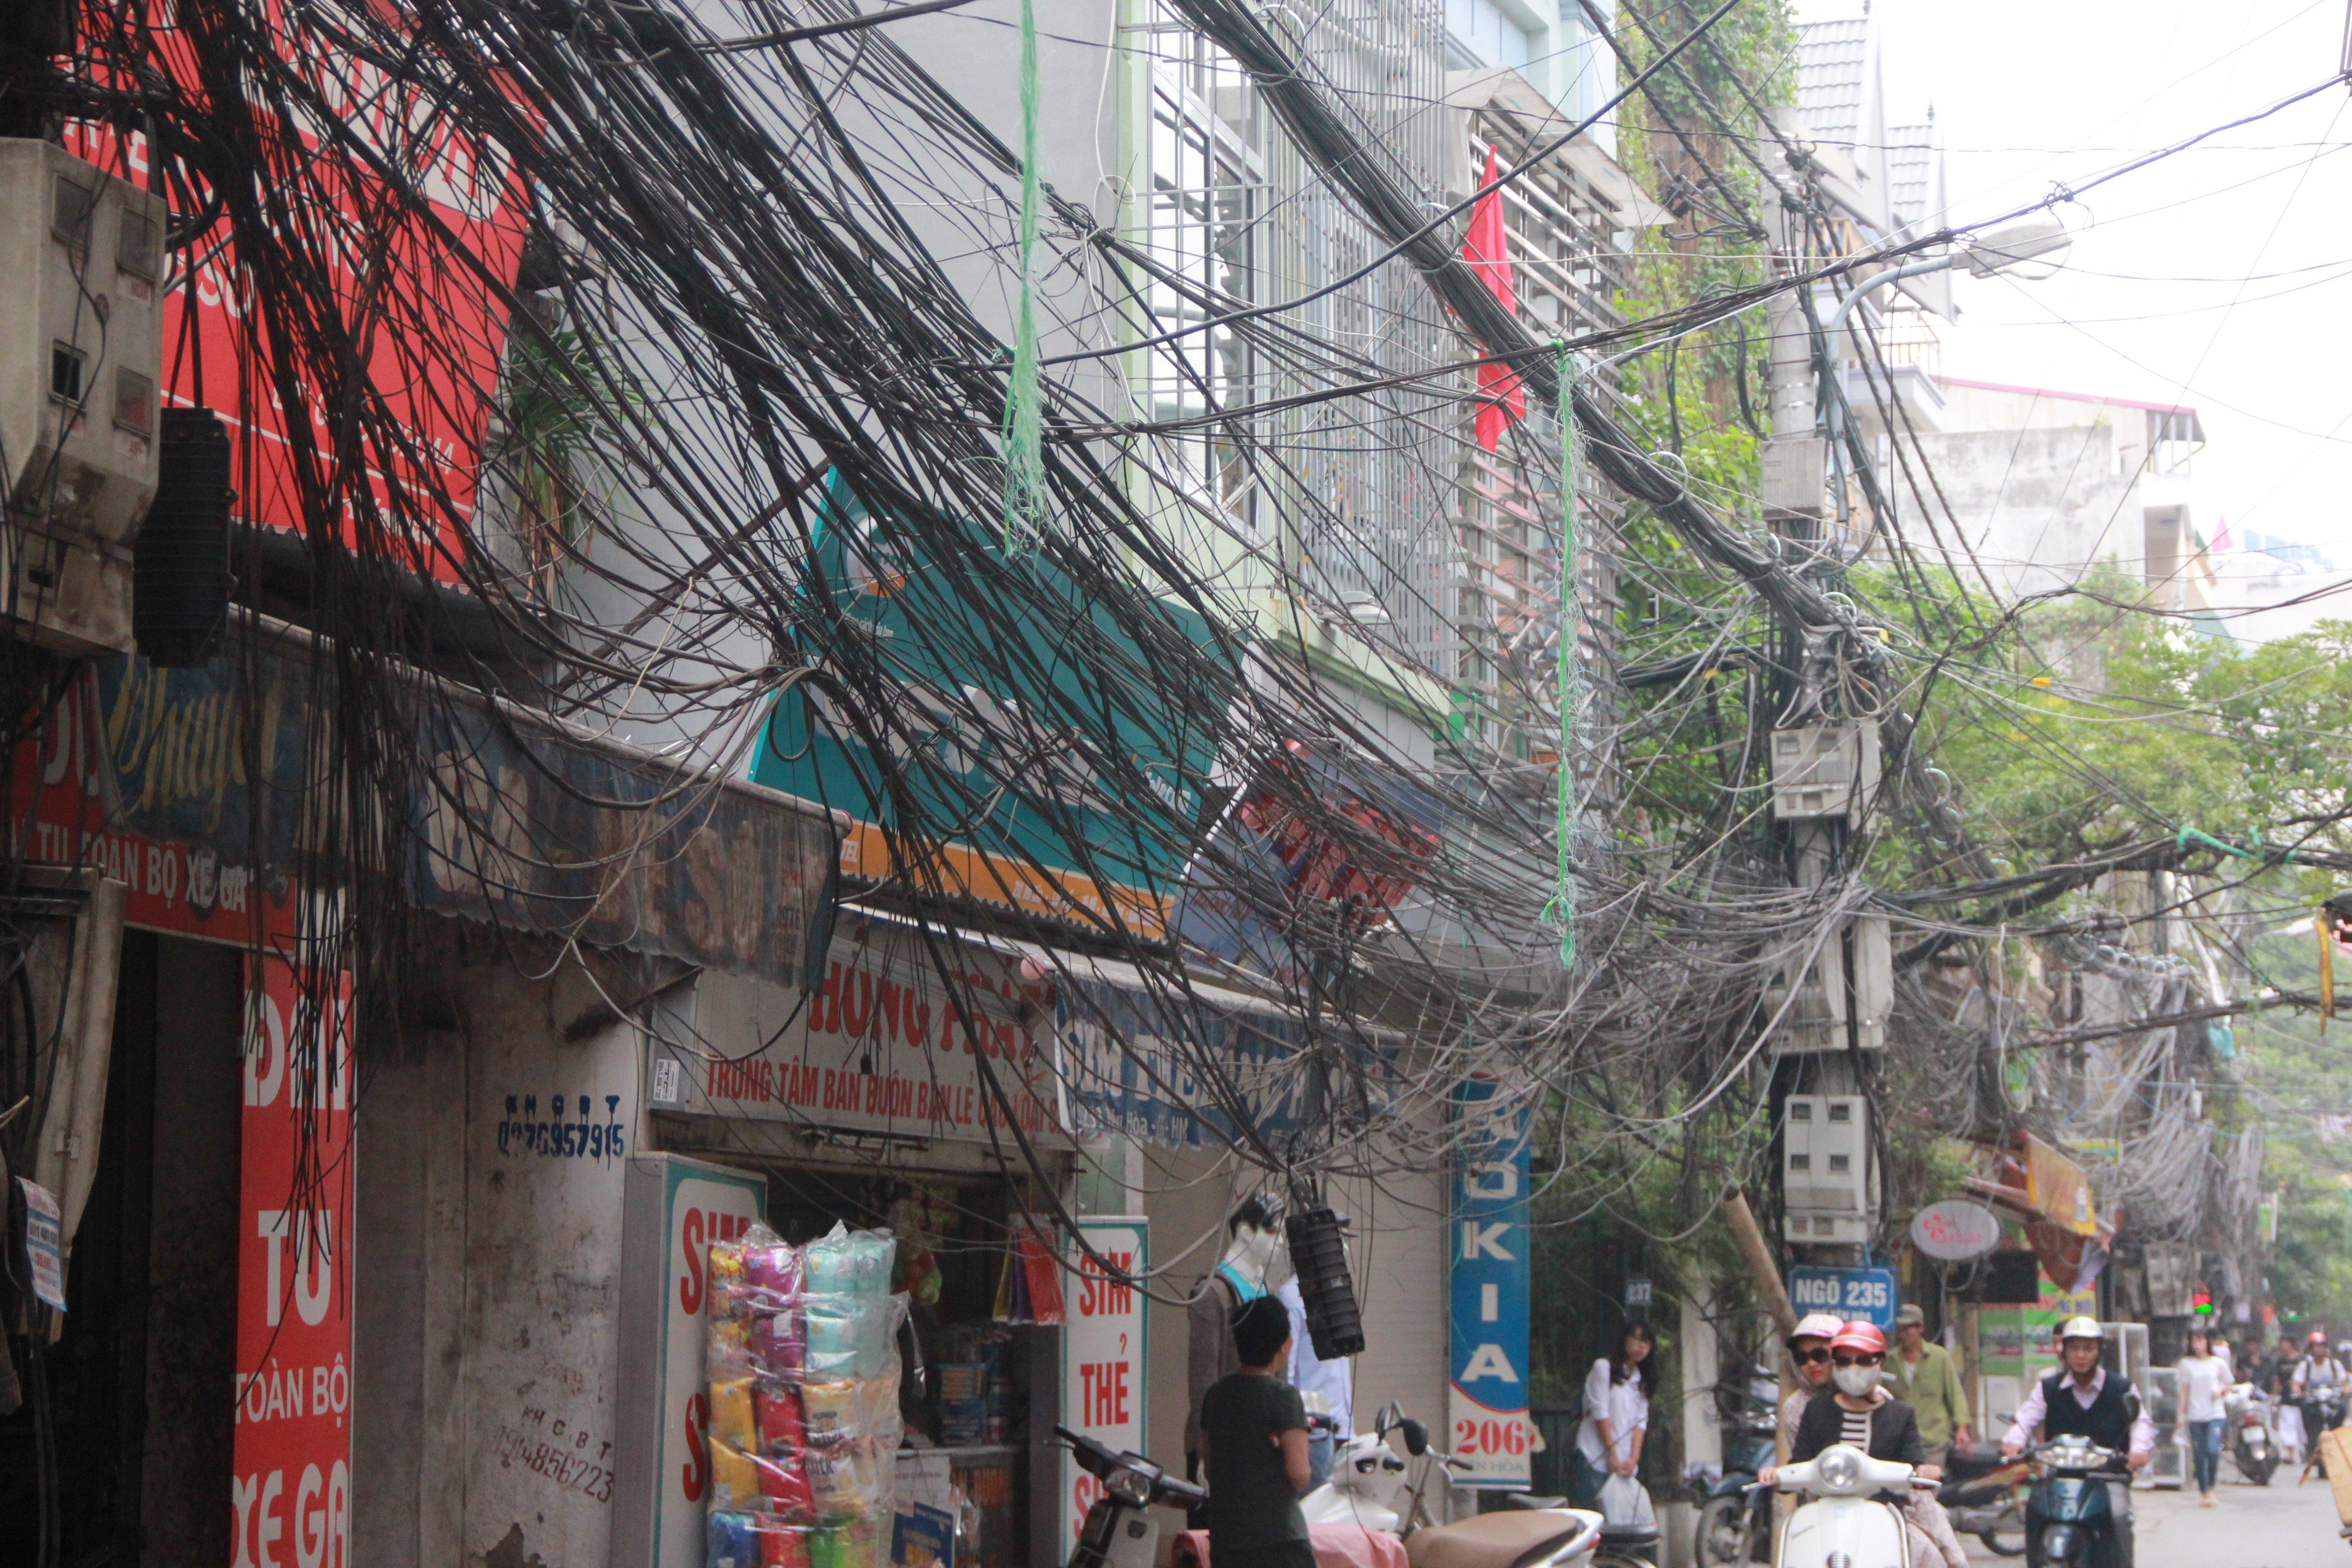 Hình ảnh Cận cảnh dọn ổ mạng nhện khổng lồ ở Hà Nội số 9